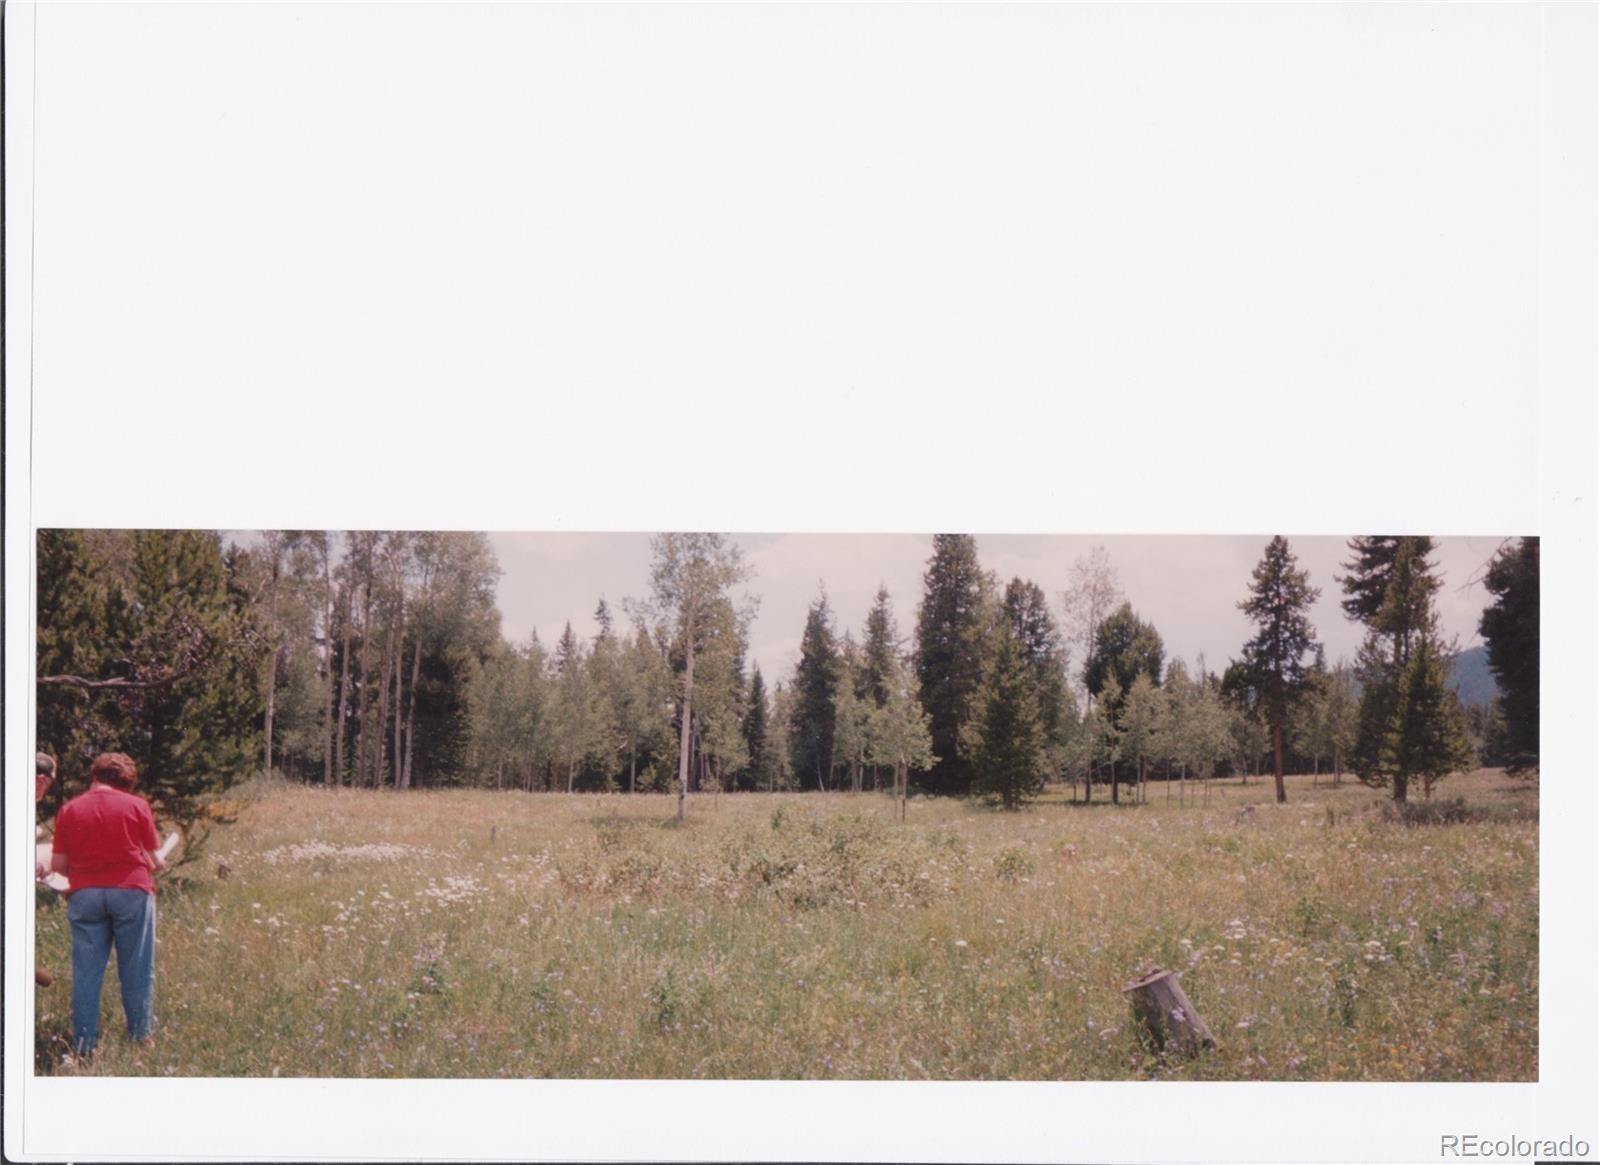 MLS# 8768882 - 2 - 01 Halter Trail, Oak Creek, CO 80467